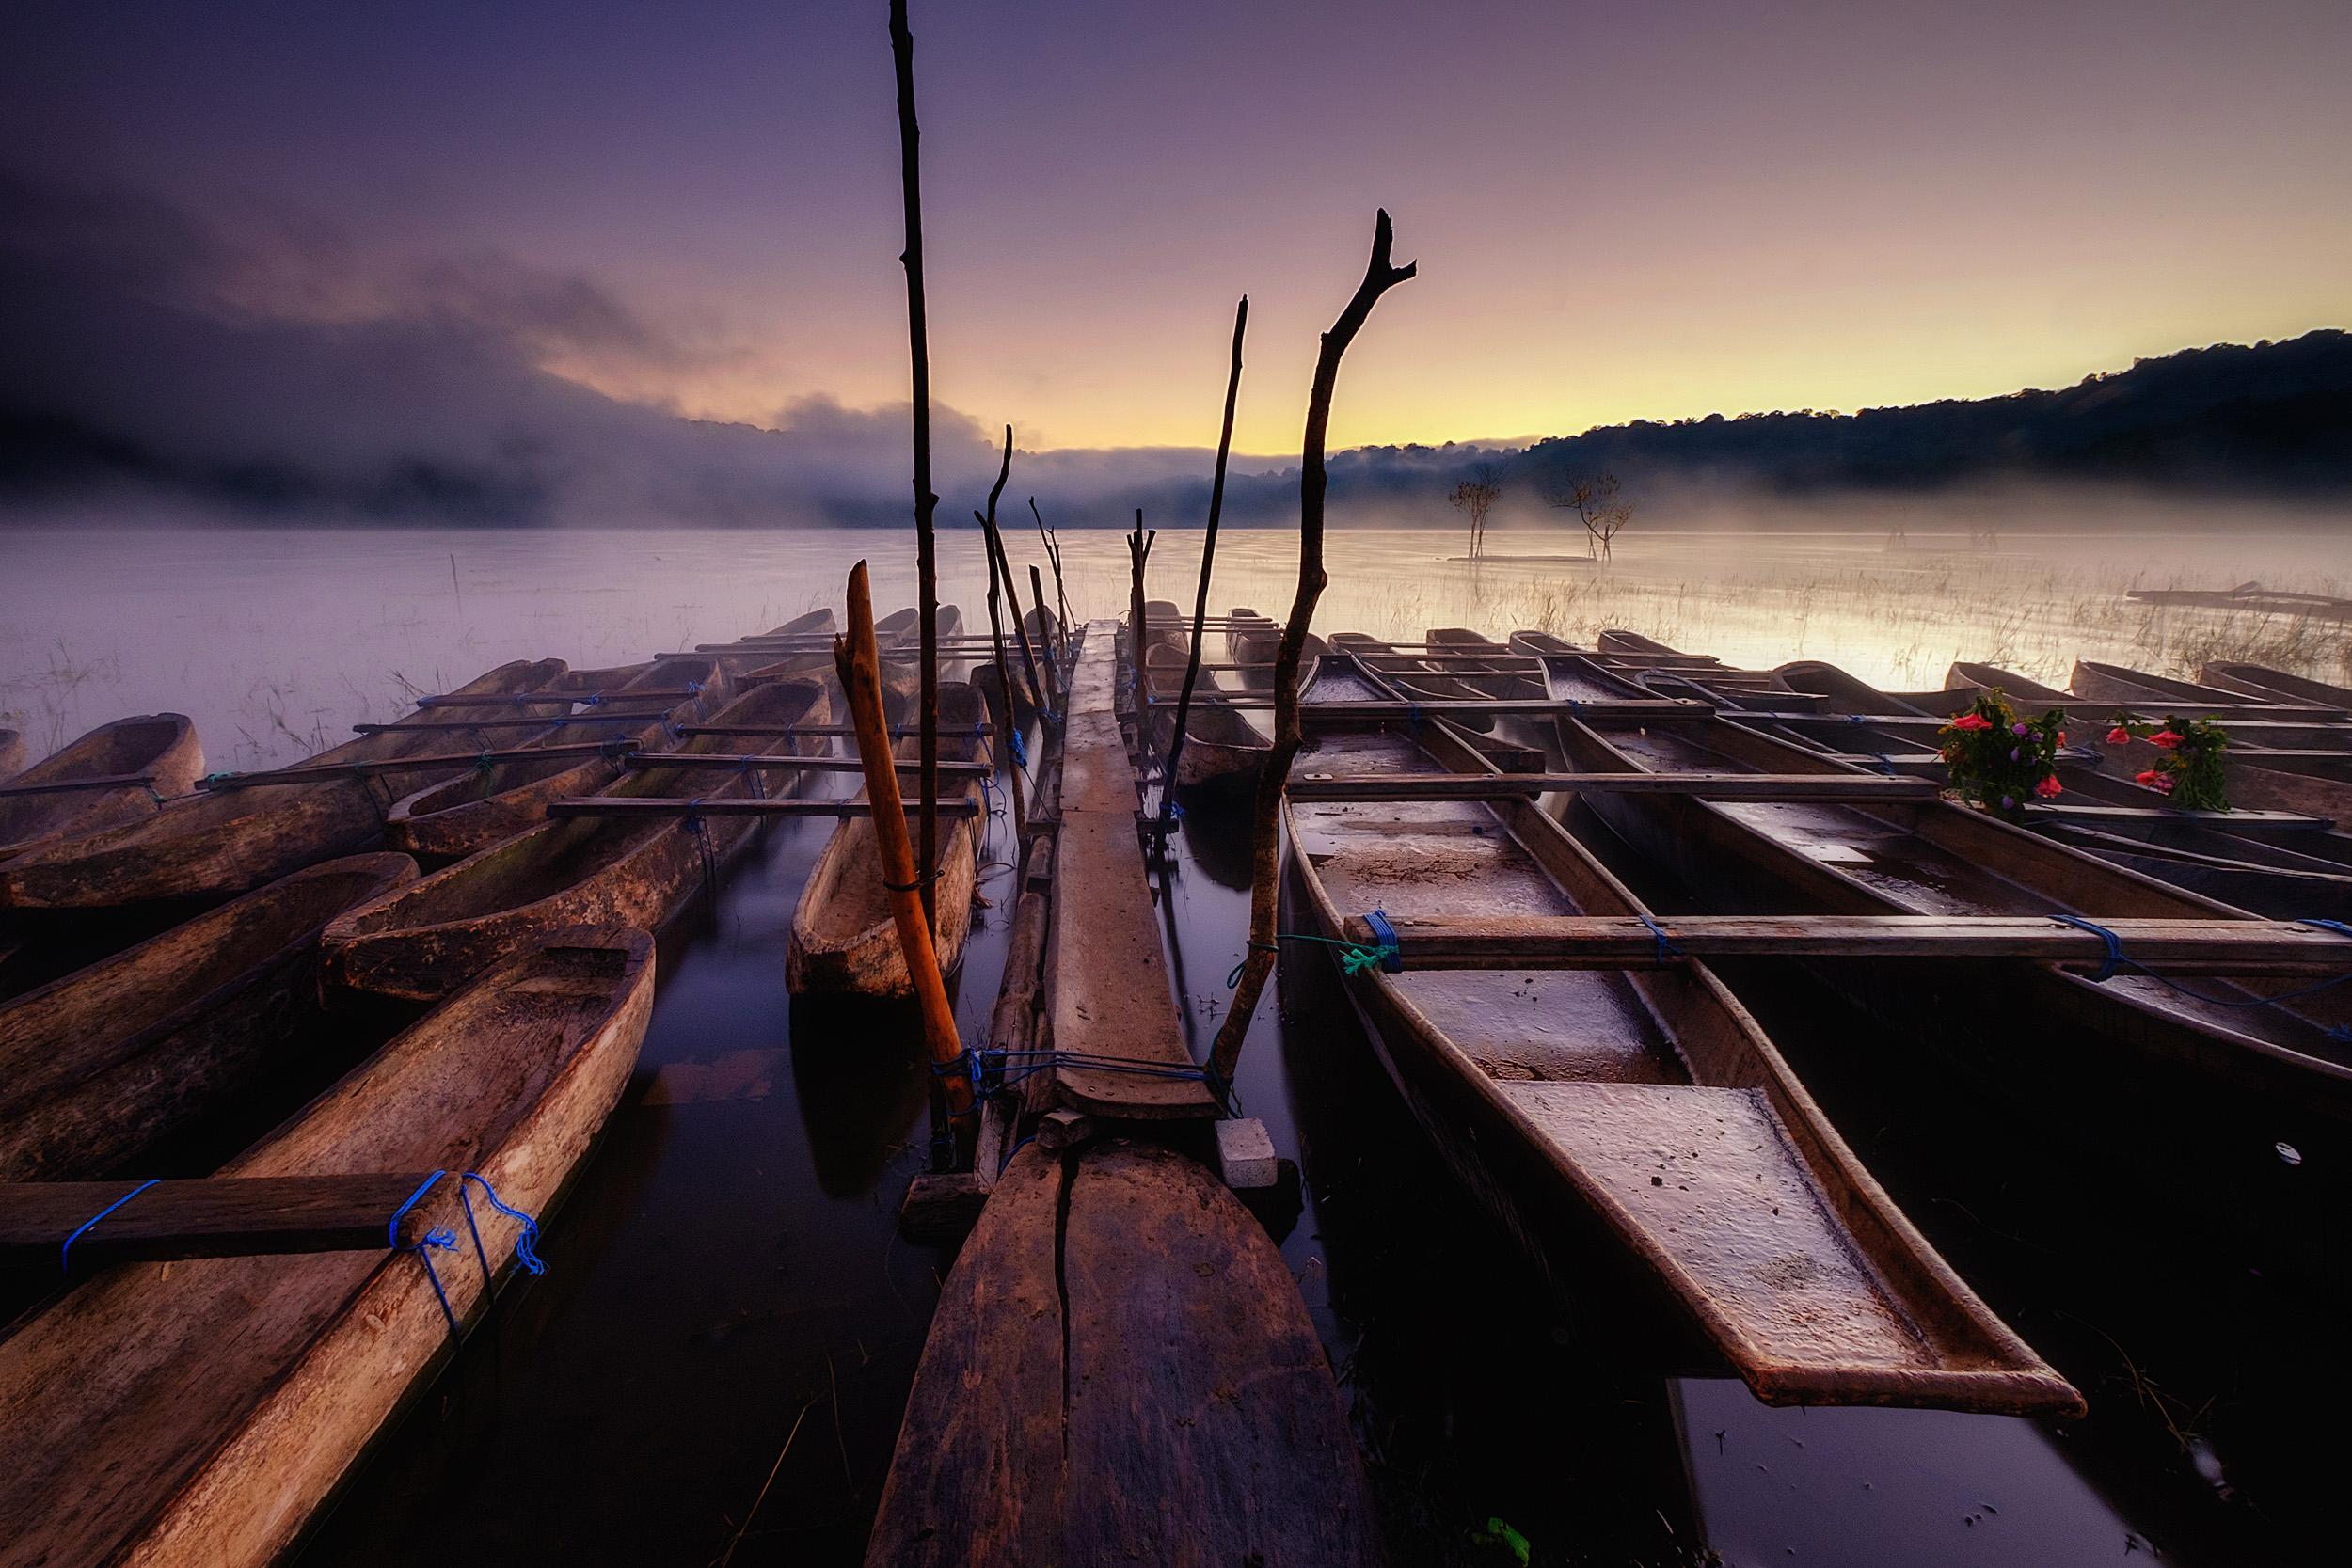 Tamblingan   Dugout canoes at Tamblingan lake at dawn, Central Bali.